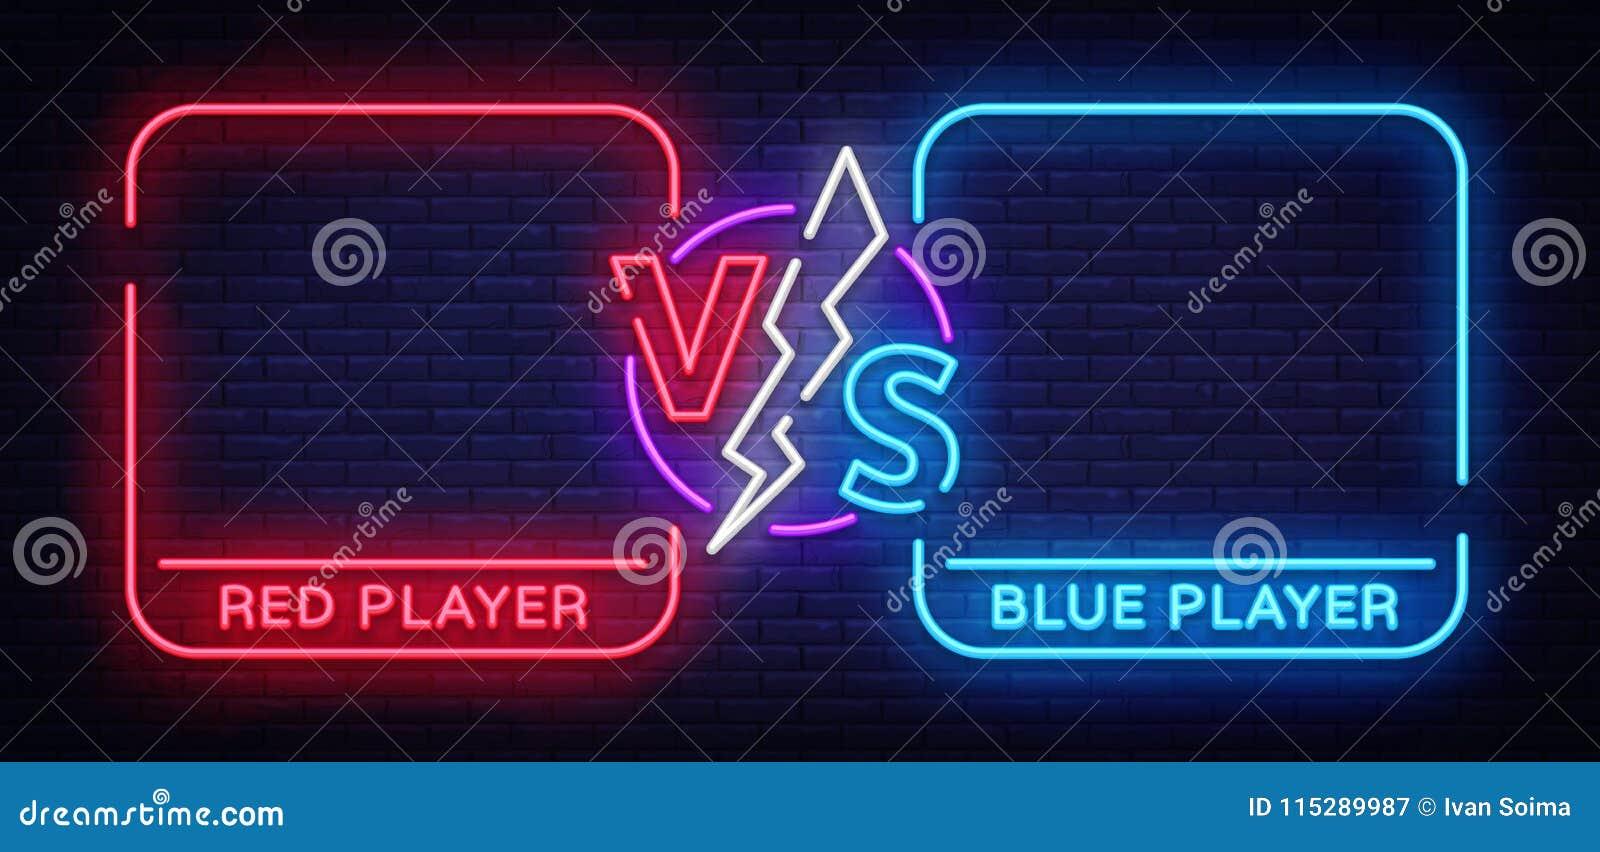 Versus parawanowy projekt w neonowym stylu Neonowy sztandaru zawiadomienie dwa wojownika Błękitny futurystyczny neonowy VS liście